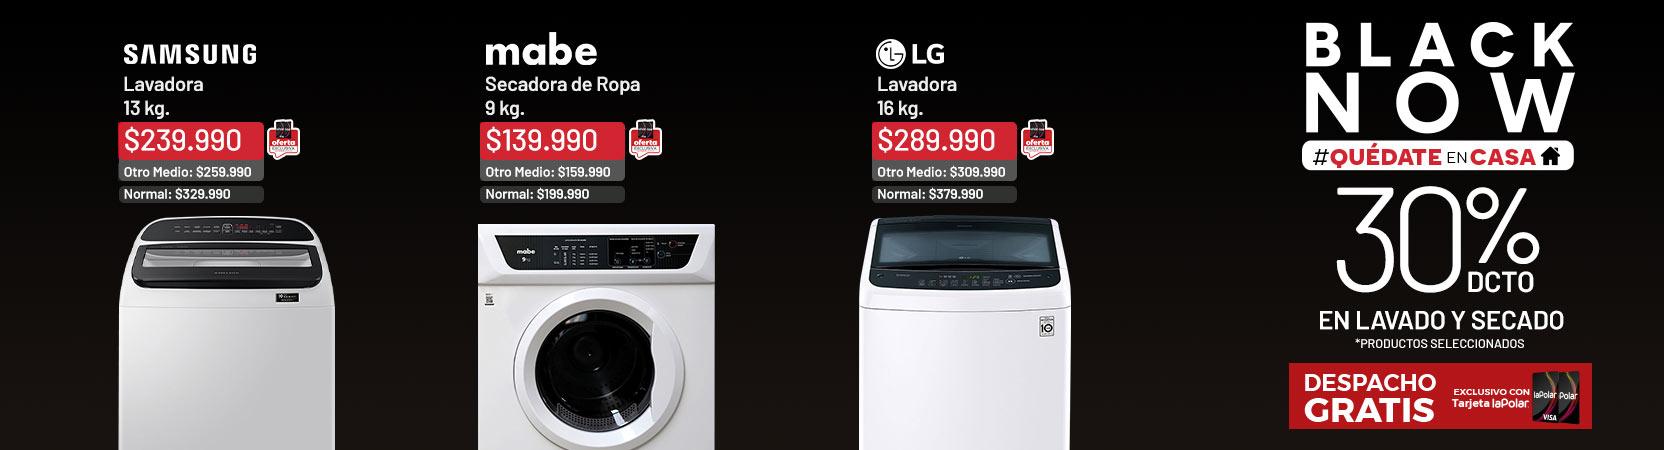 30% dcto. en Lavado y Secado *Productos Seleccionados | Despacho Gratis TLP | Lavadora Samsung WA13R5260BG 13 kg.